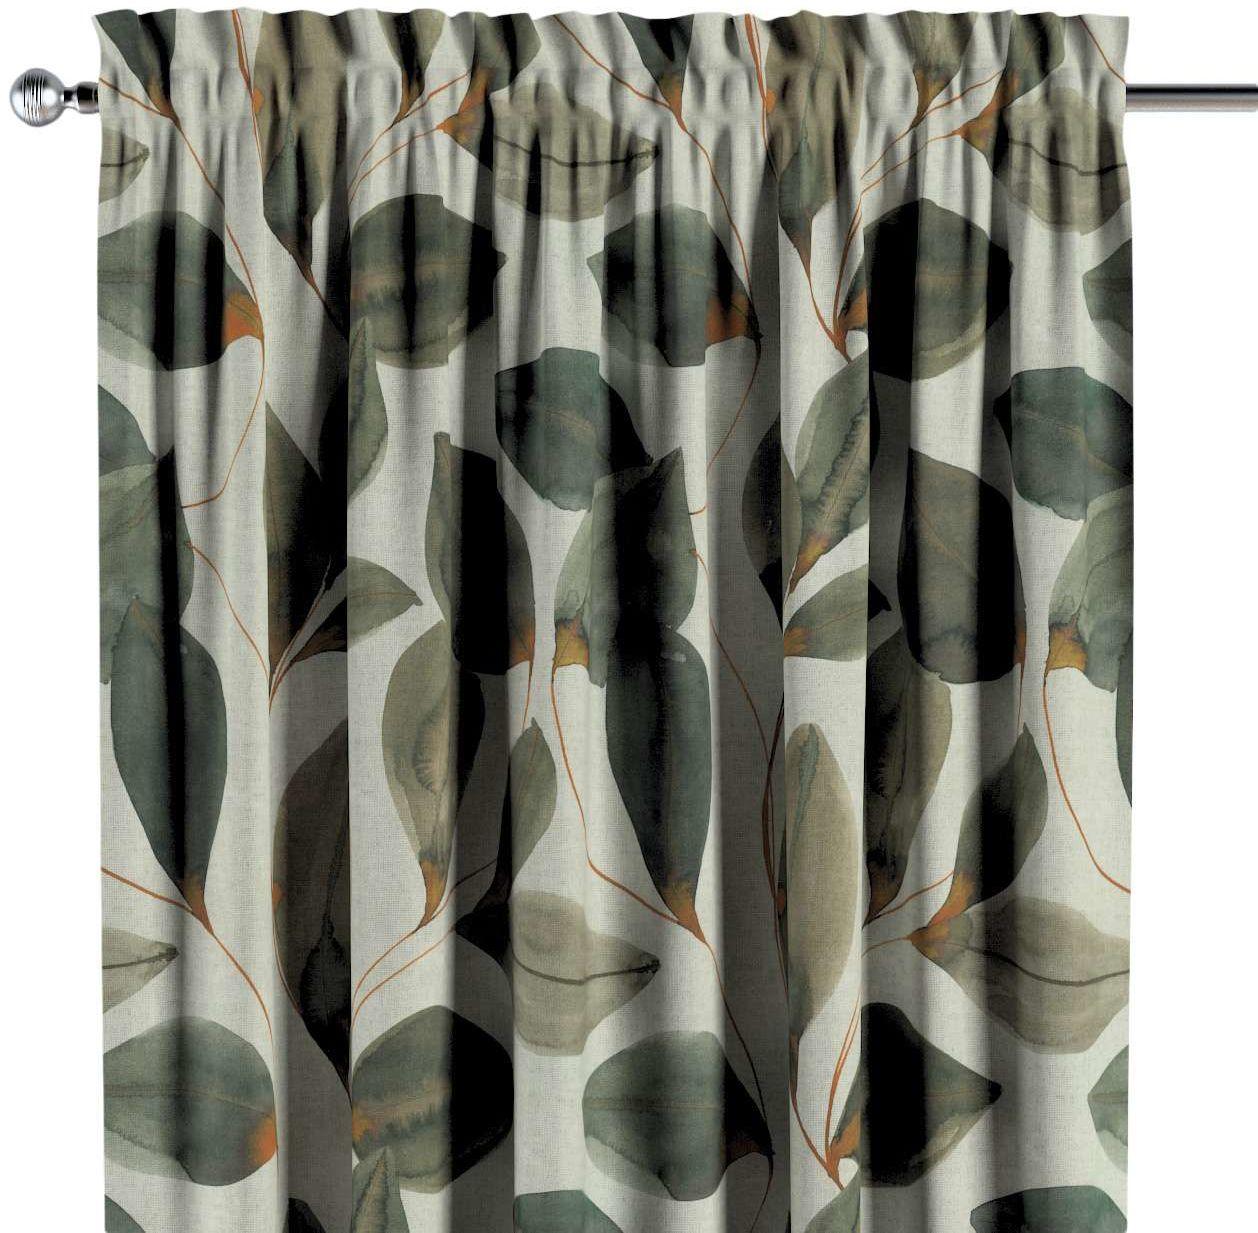 Zasłona na kanale z grzywką 1 szt., brązowo-pomarańczowe liście na szarym lnianym tle, 1szt 130  260 cm, Abigail